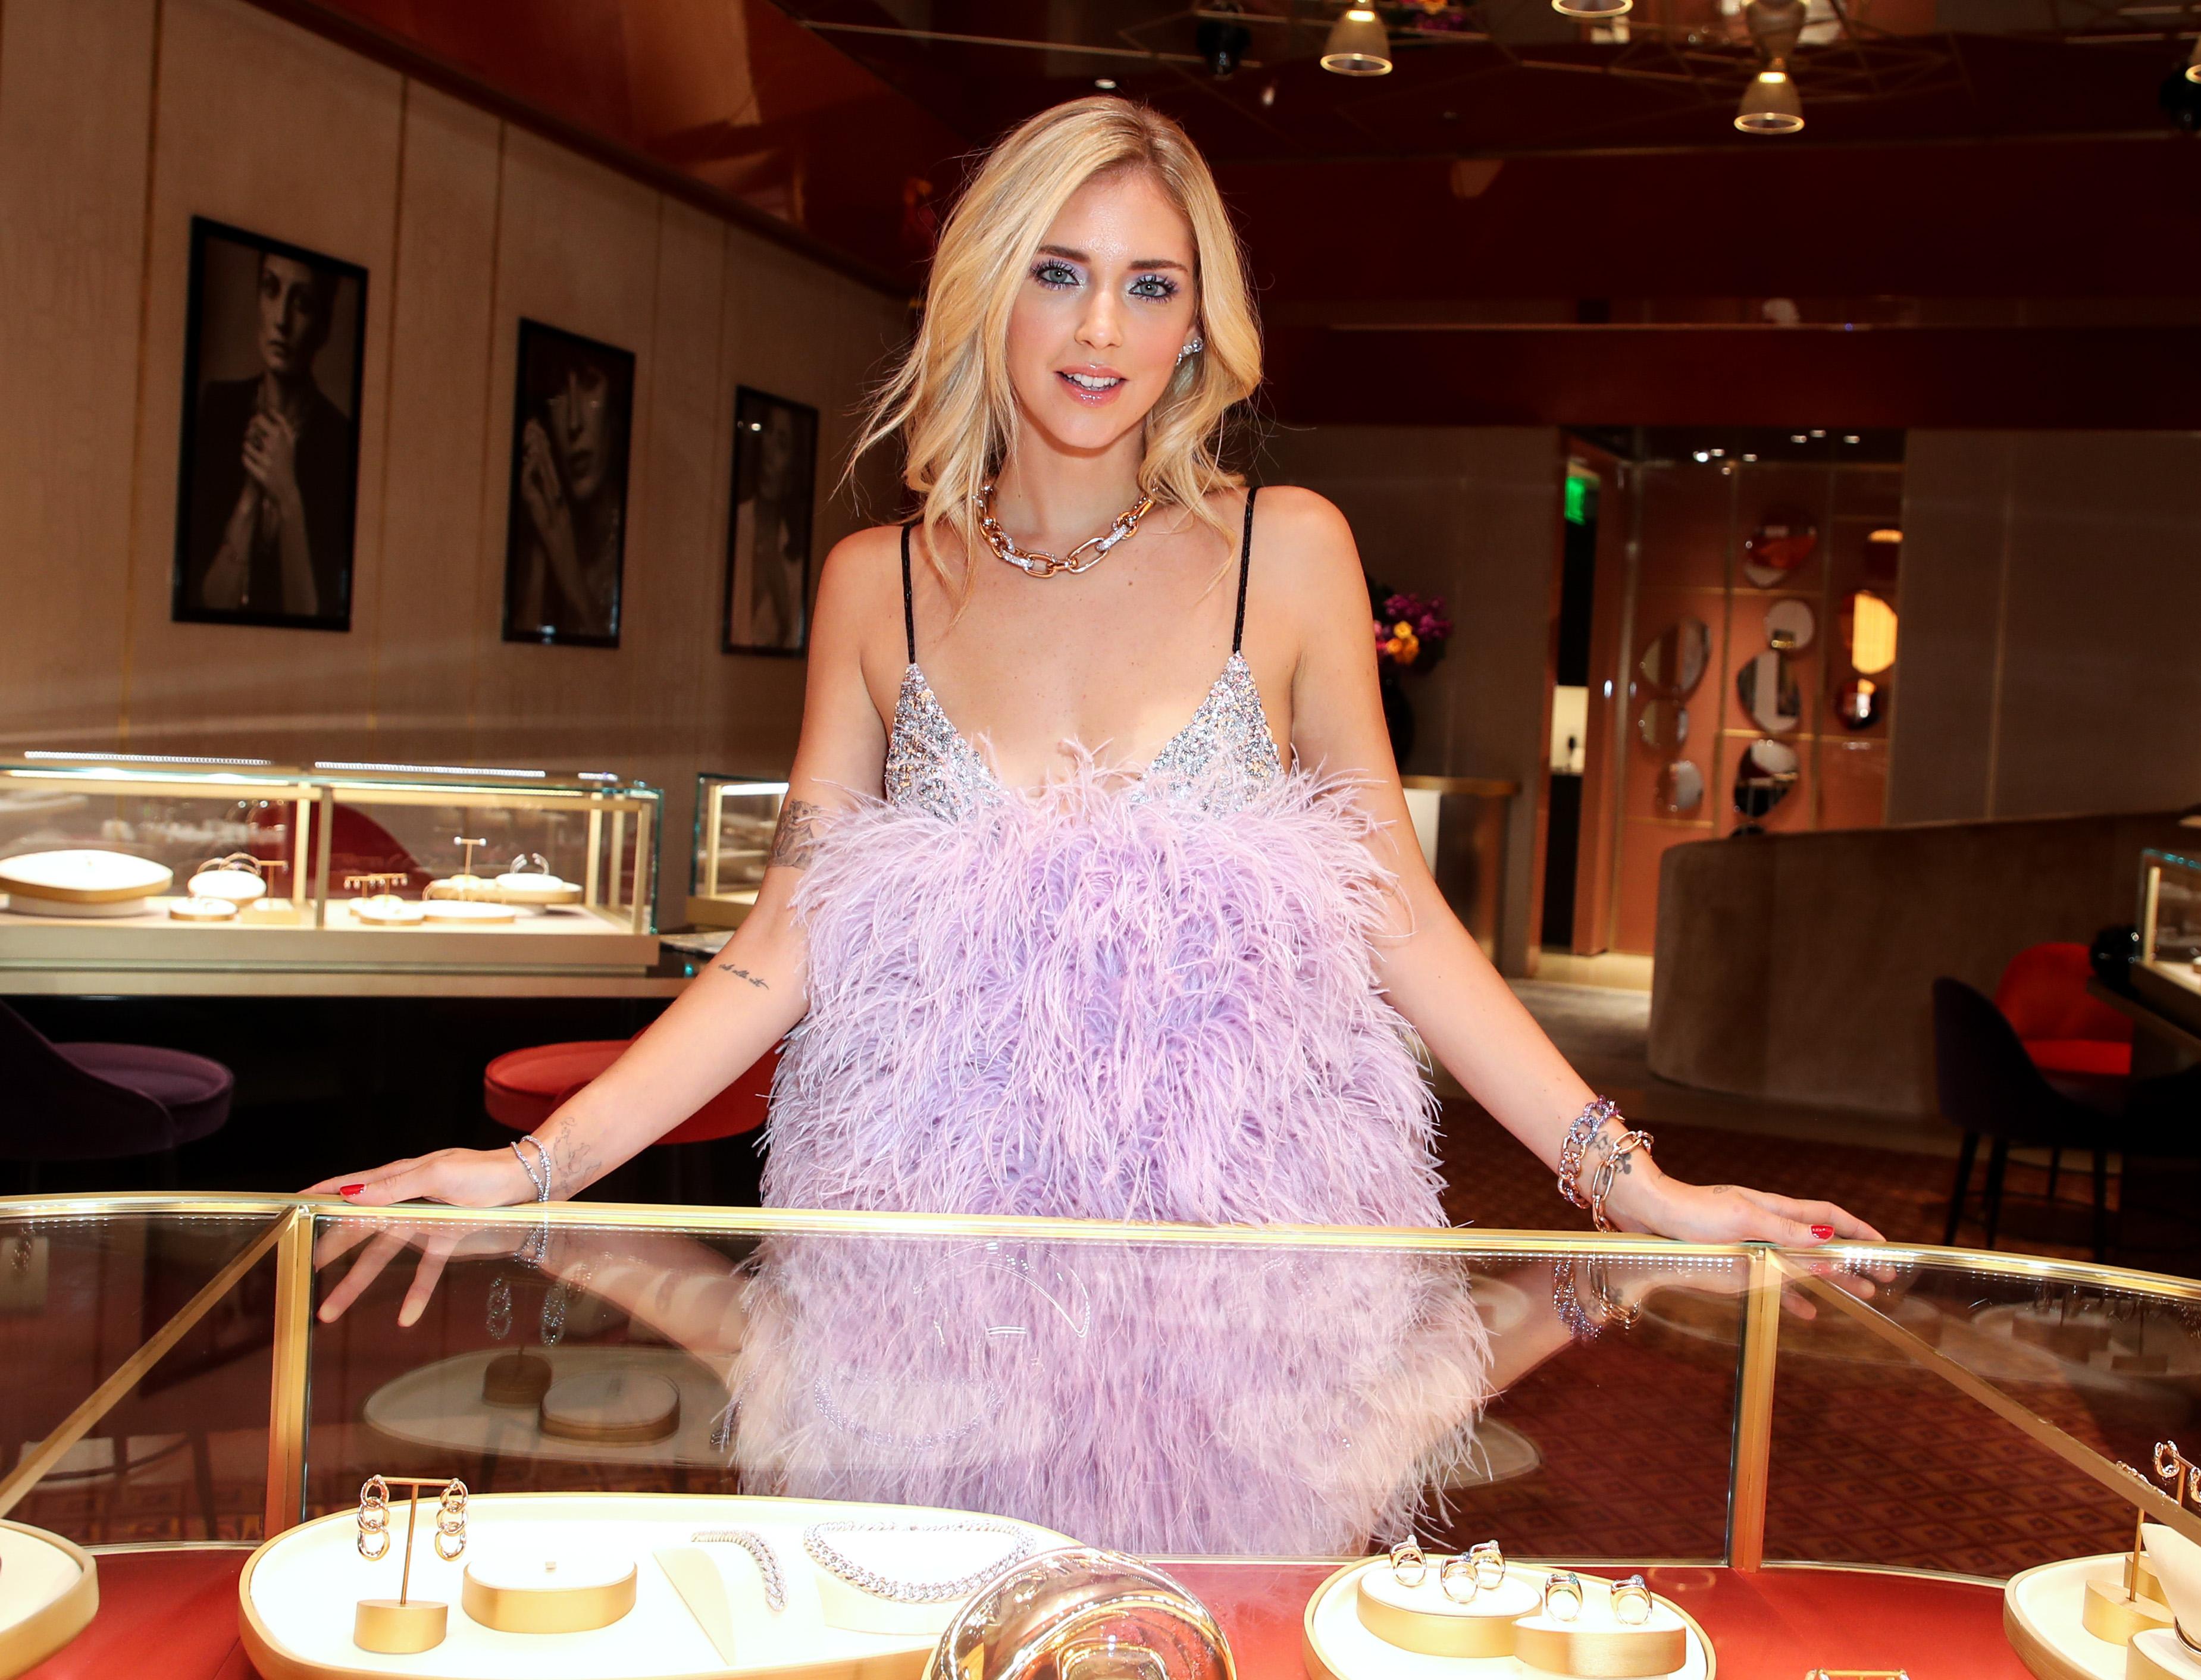 Chiara FerragniPomellato Beverly Hills Boutique party, Los Angeles, USA - 16 Oct 2018